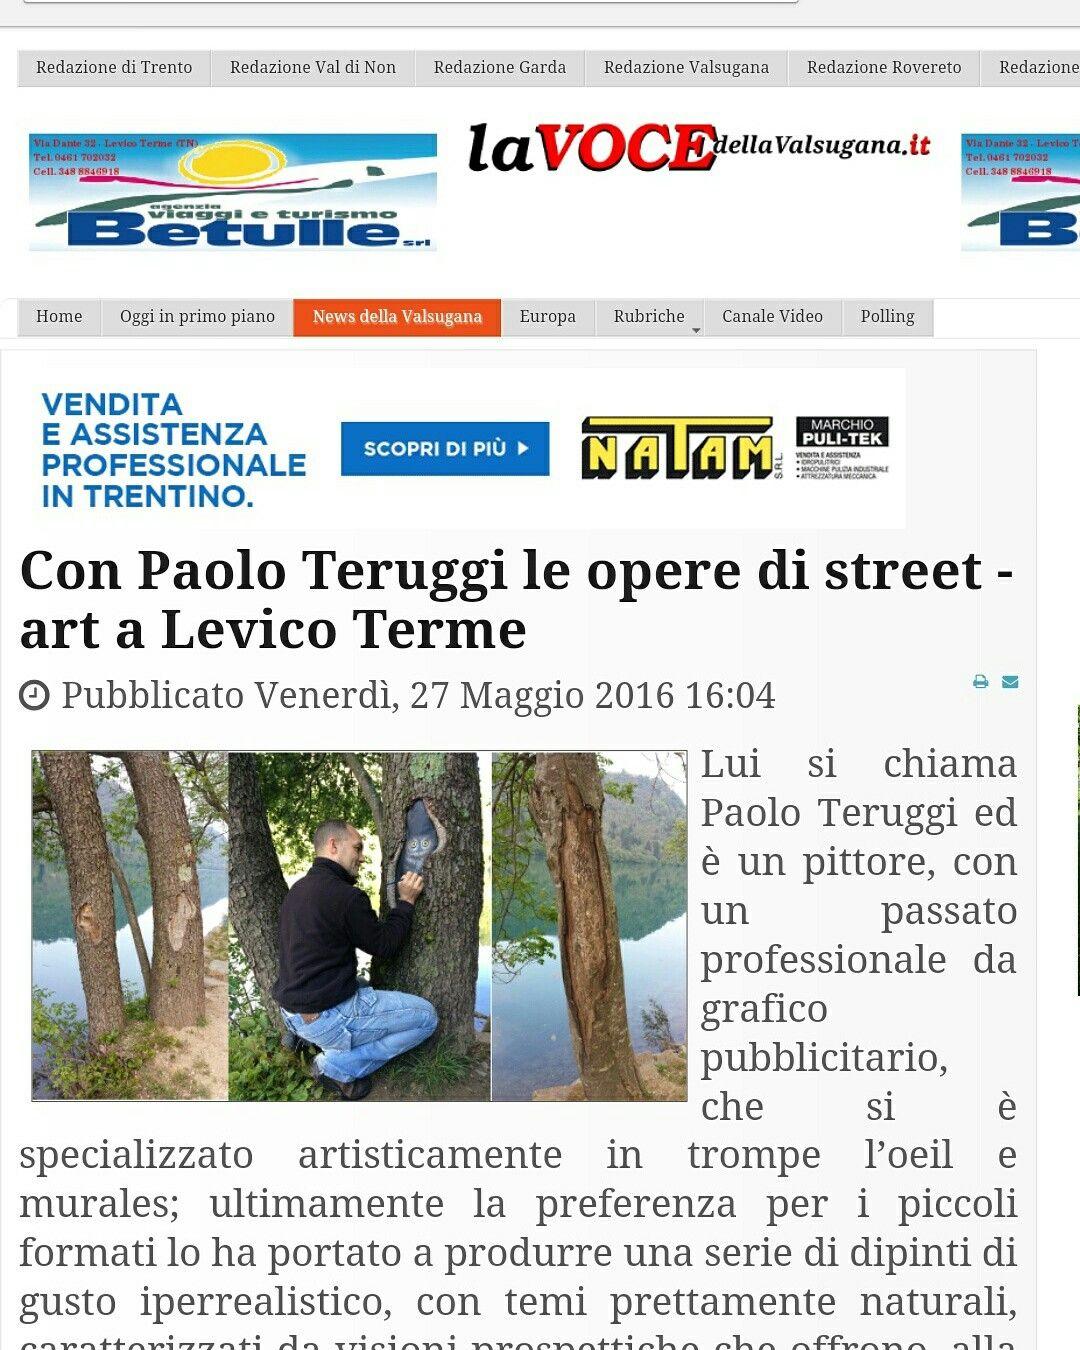 Articolo sul giornale.... il link è: http://lavocedellavalsugana.it/index.php/news-della-valsugana/4187-con-paolo-teruggi-le-opere-di-street-art-a-levico-terme